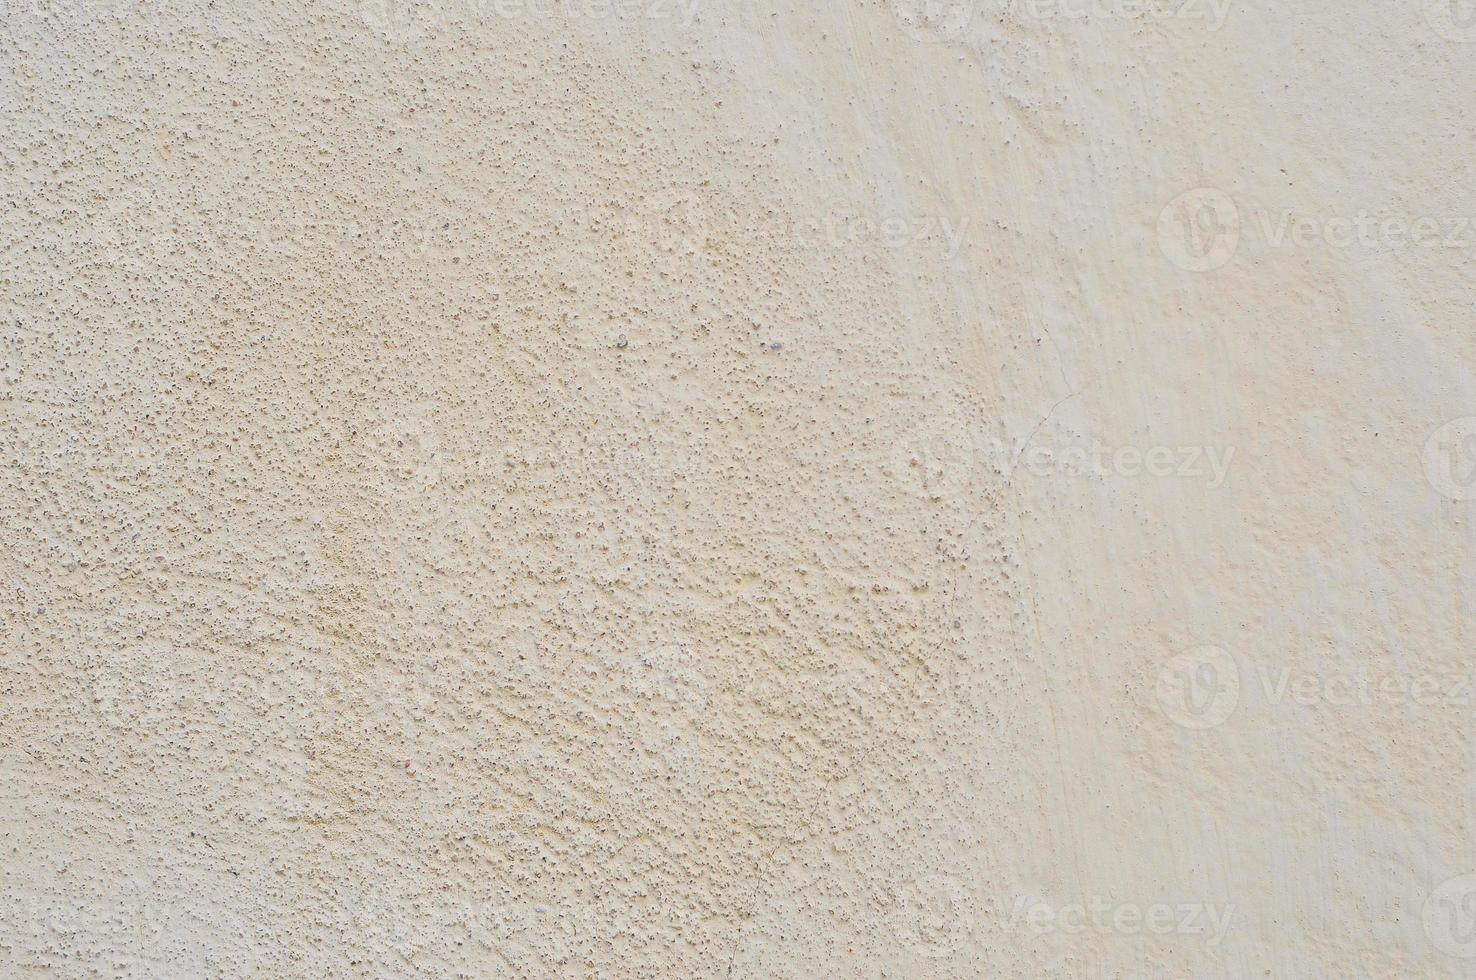 struttura della parete dello stucco foto